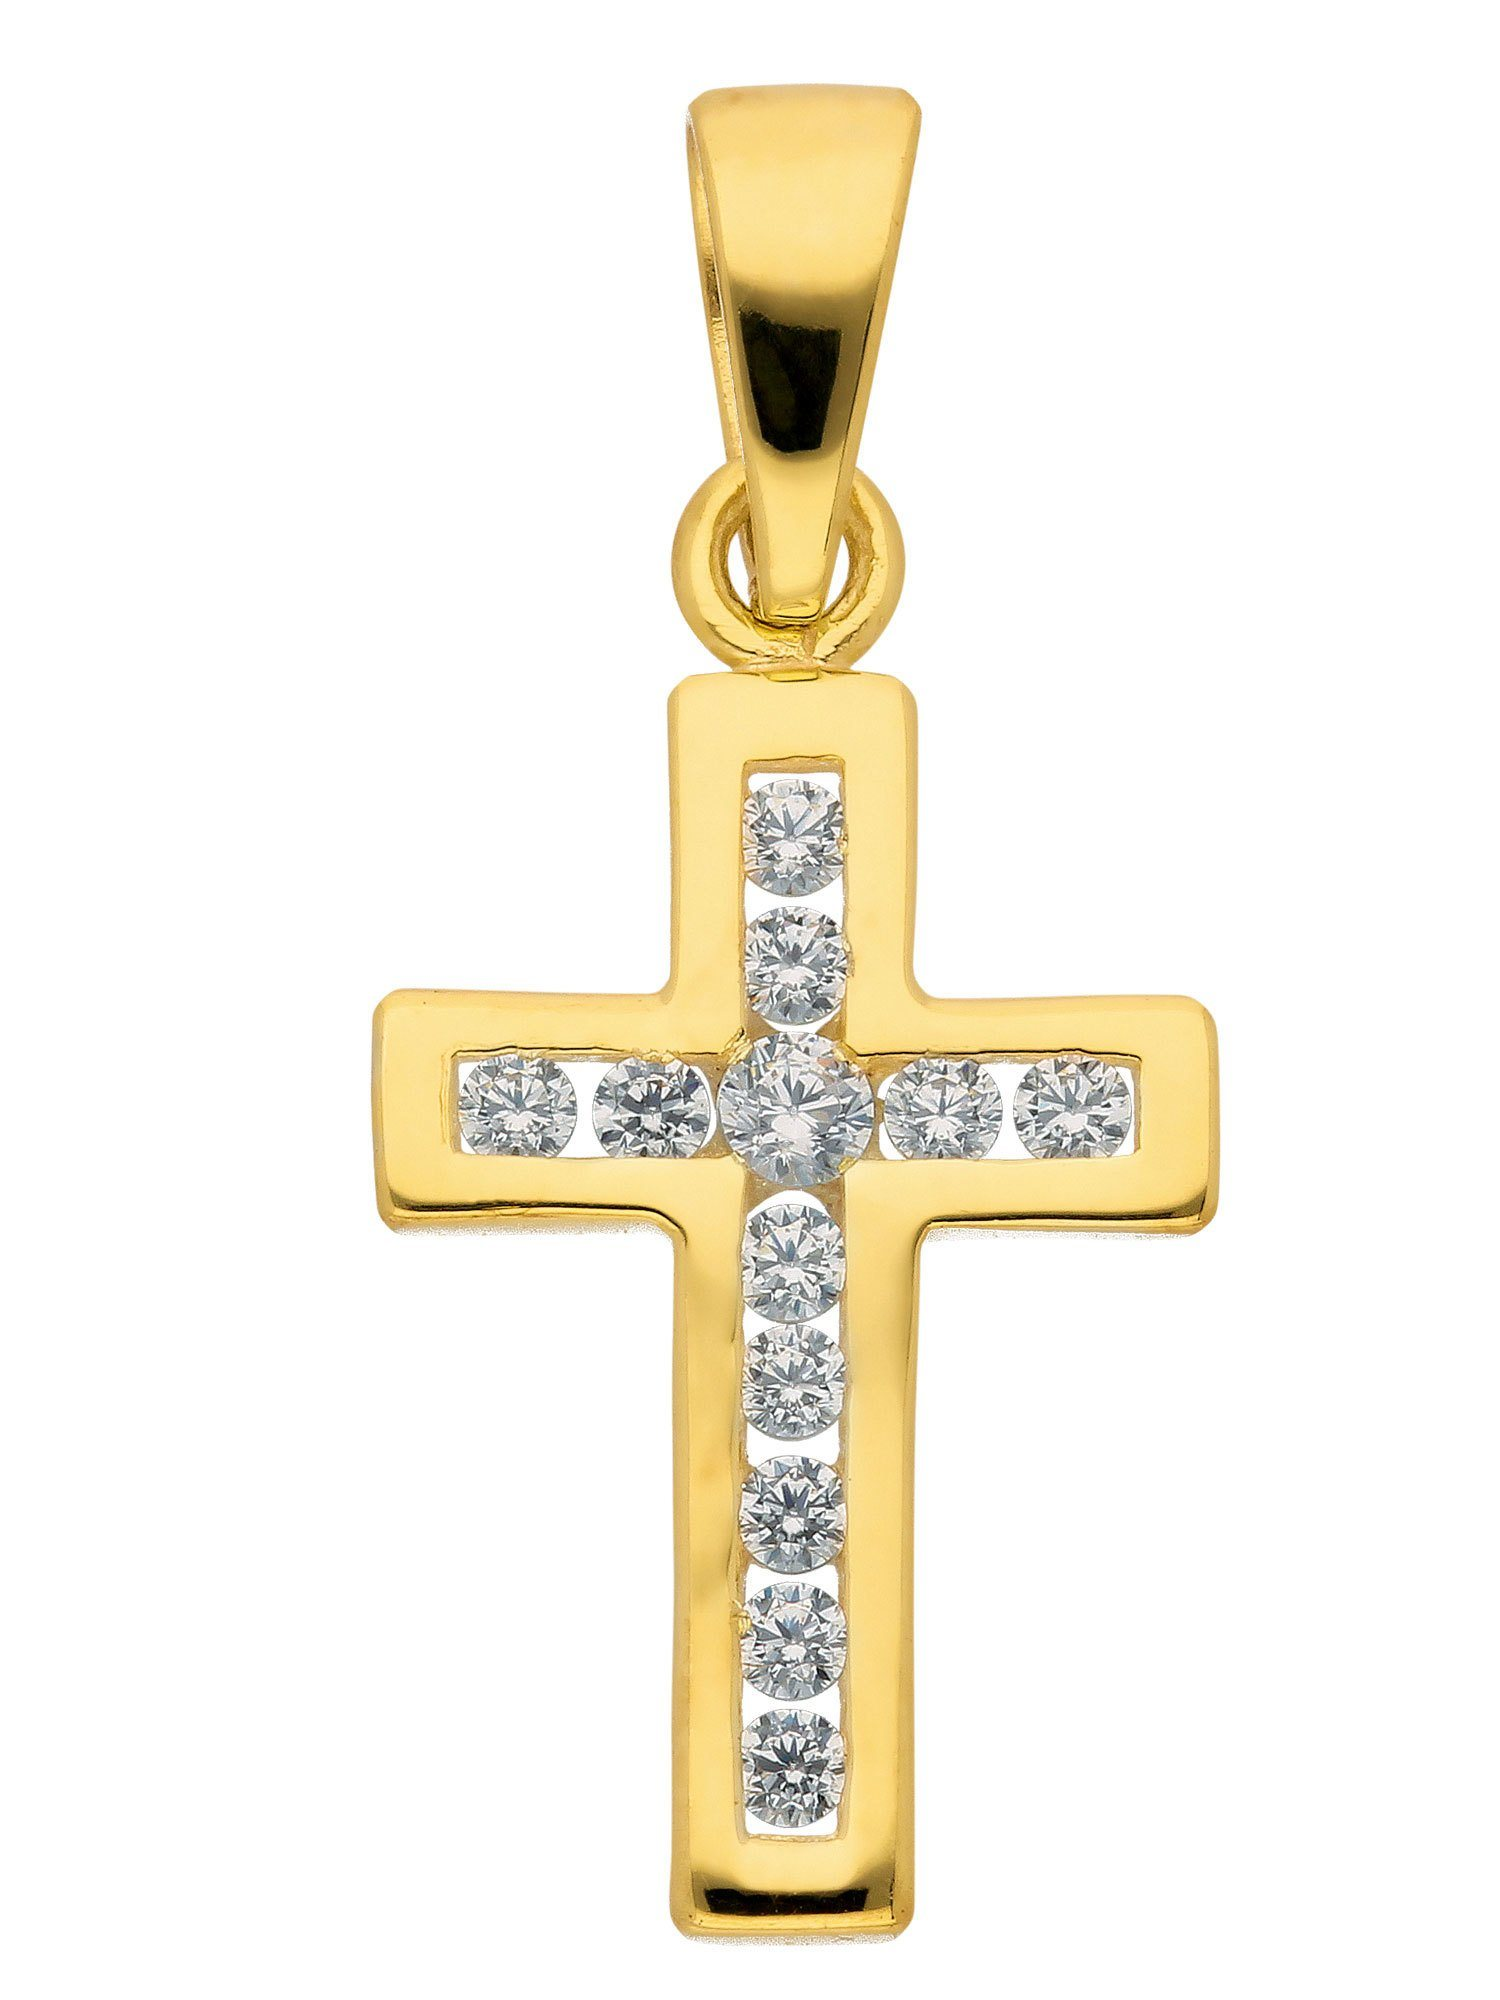 Adelia´s Kettenanhänger »Gold Anhänger« 9 k 375 Gelbgold mit Zirkonia | Schmuck > Halsketten > Ketten ohne Anhänger | Adelia´s